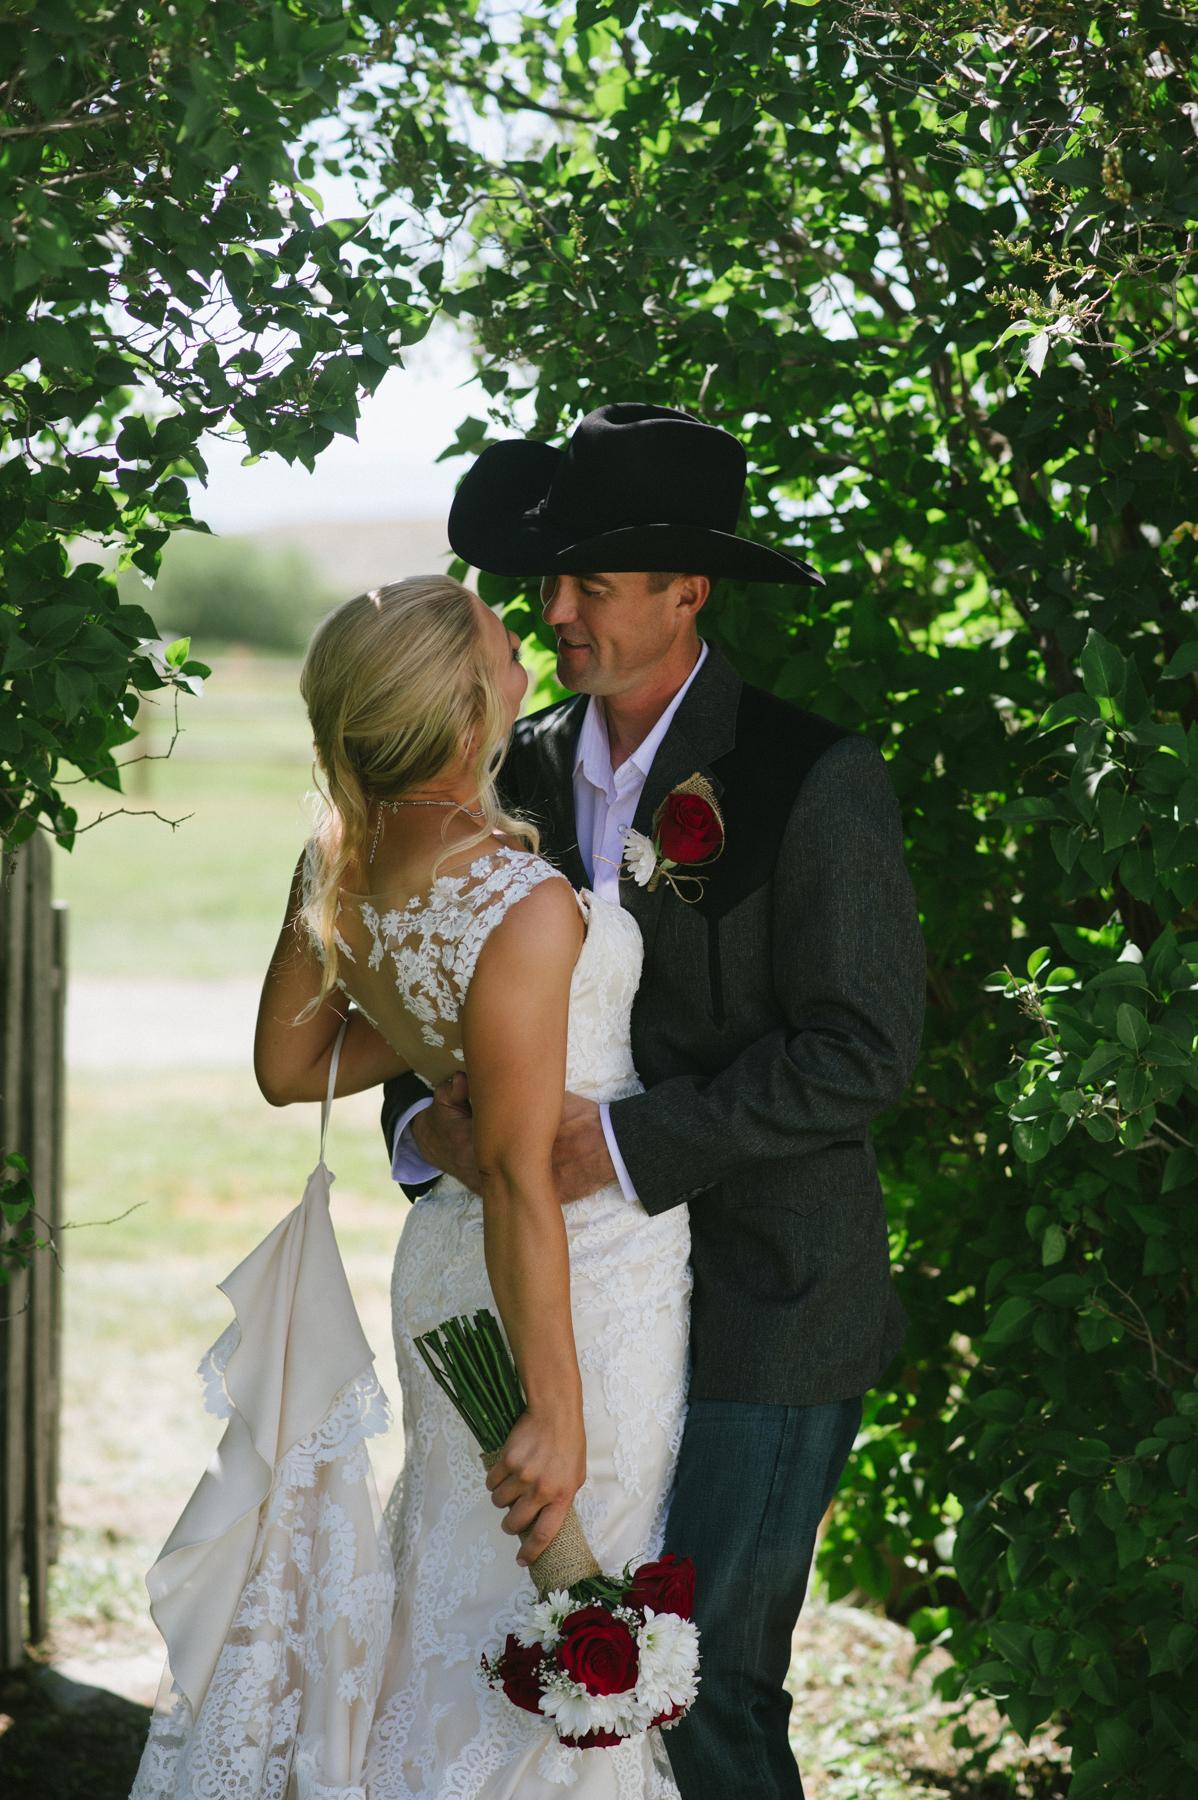 Erica Lind + Jeff Heim Wedding_Rustic Wedding_Montana Wedding_Kelsey Lane Photography-3860-2.jpg